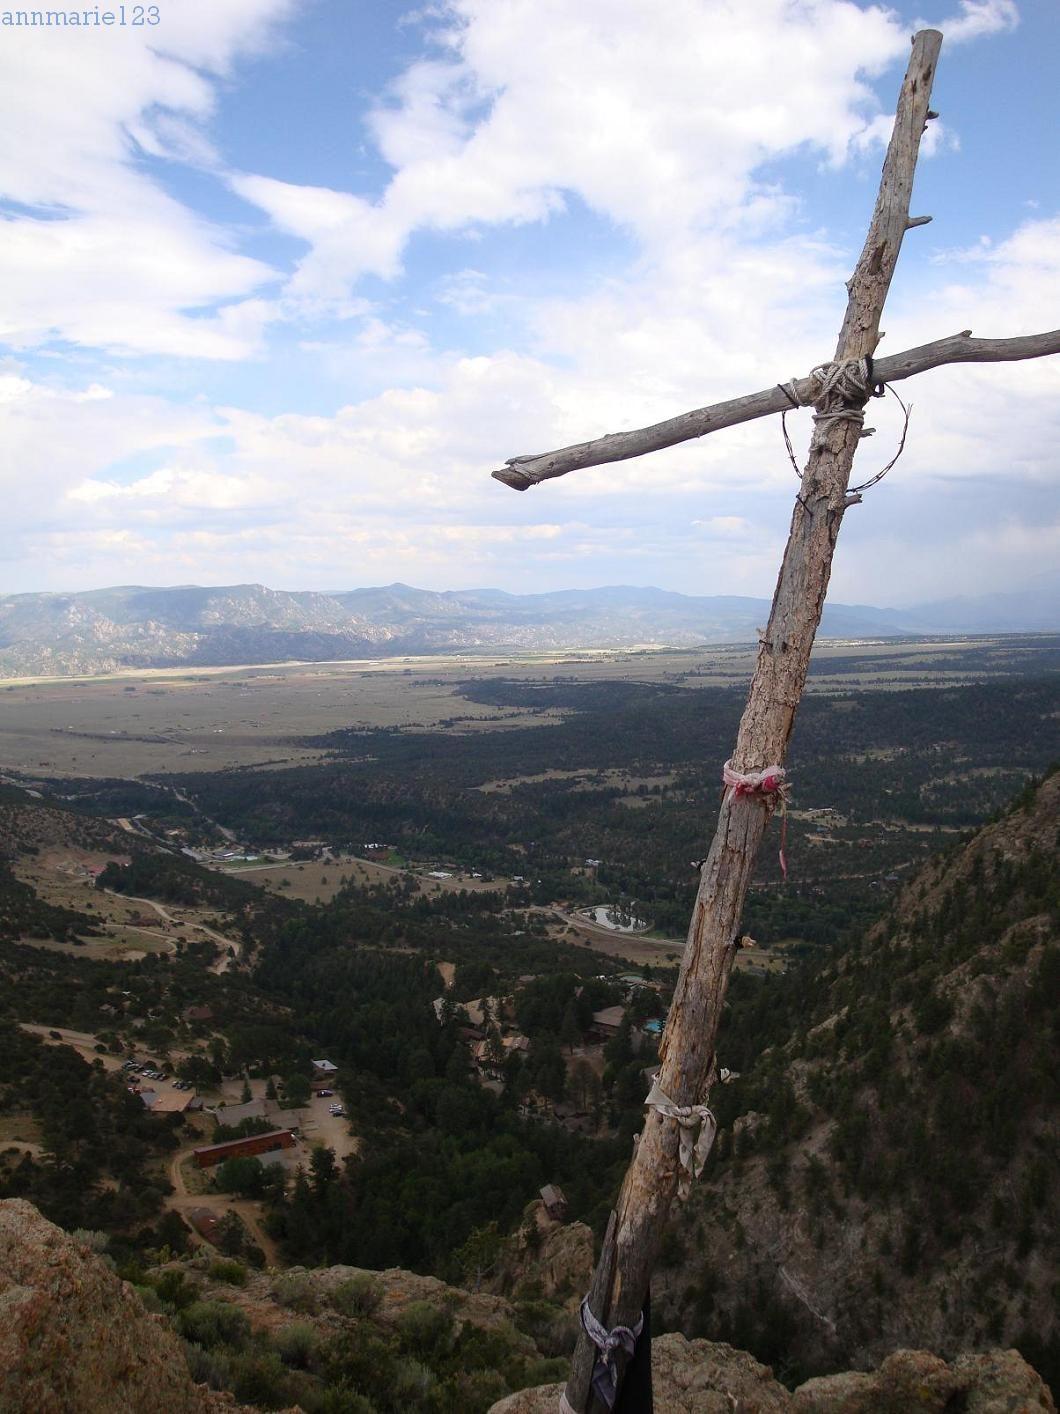 Frontier Ranch - Buena Vista, Colorado Take me back there